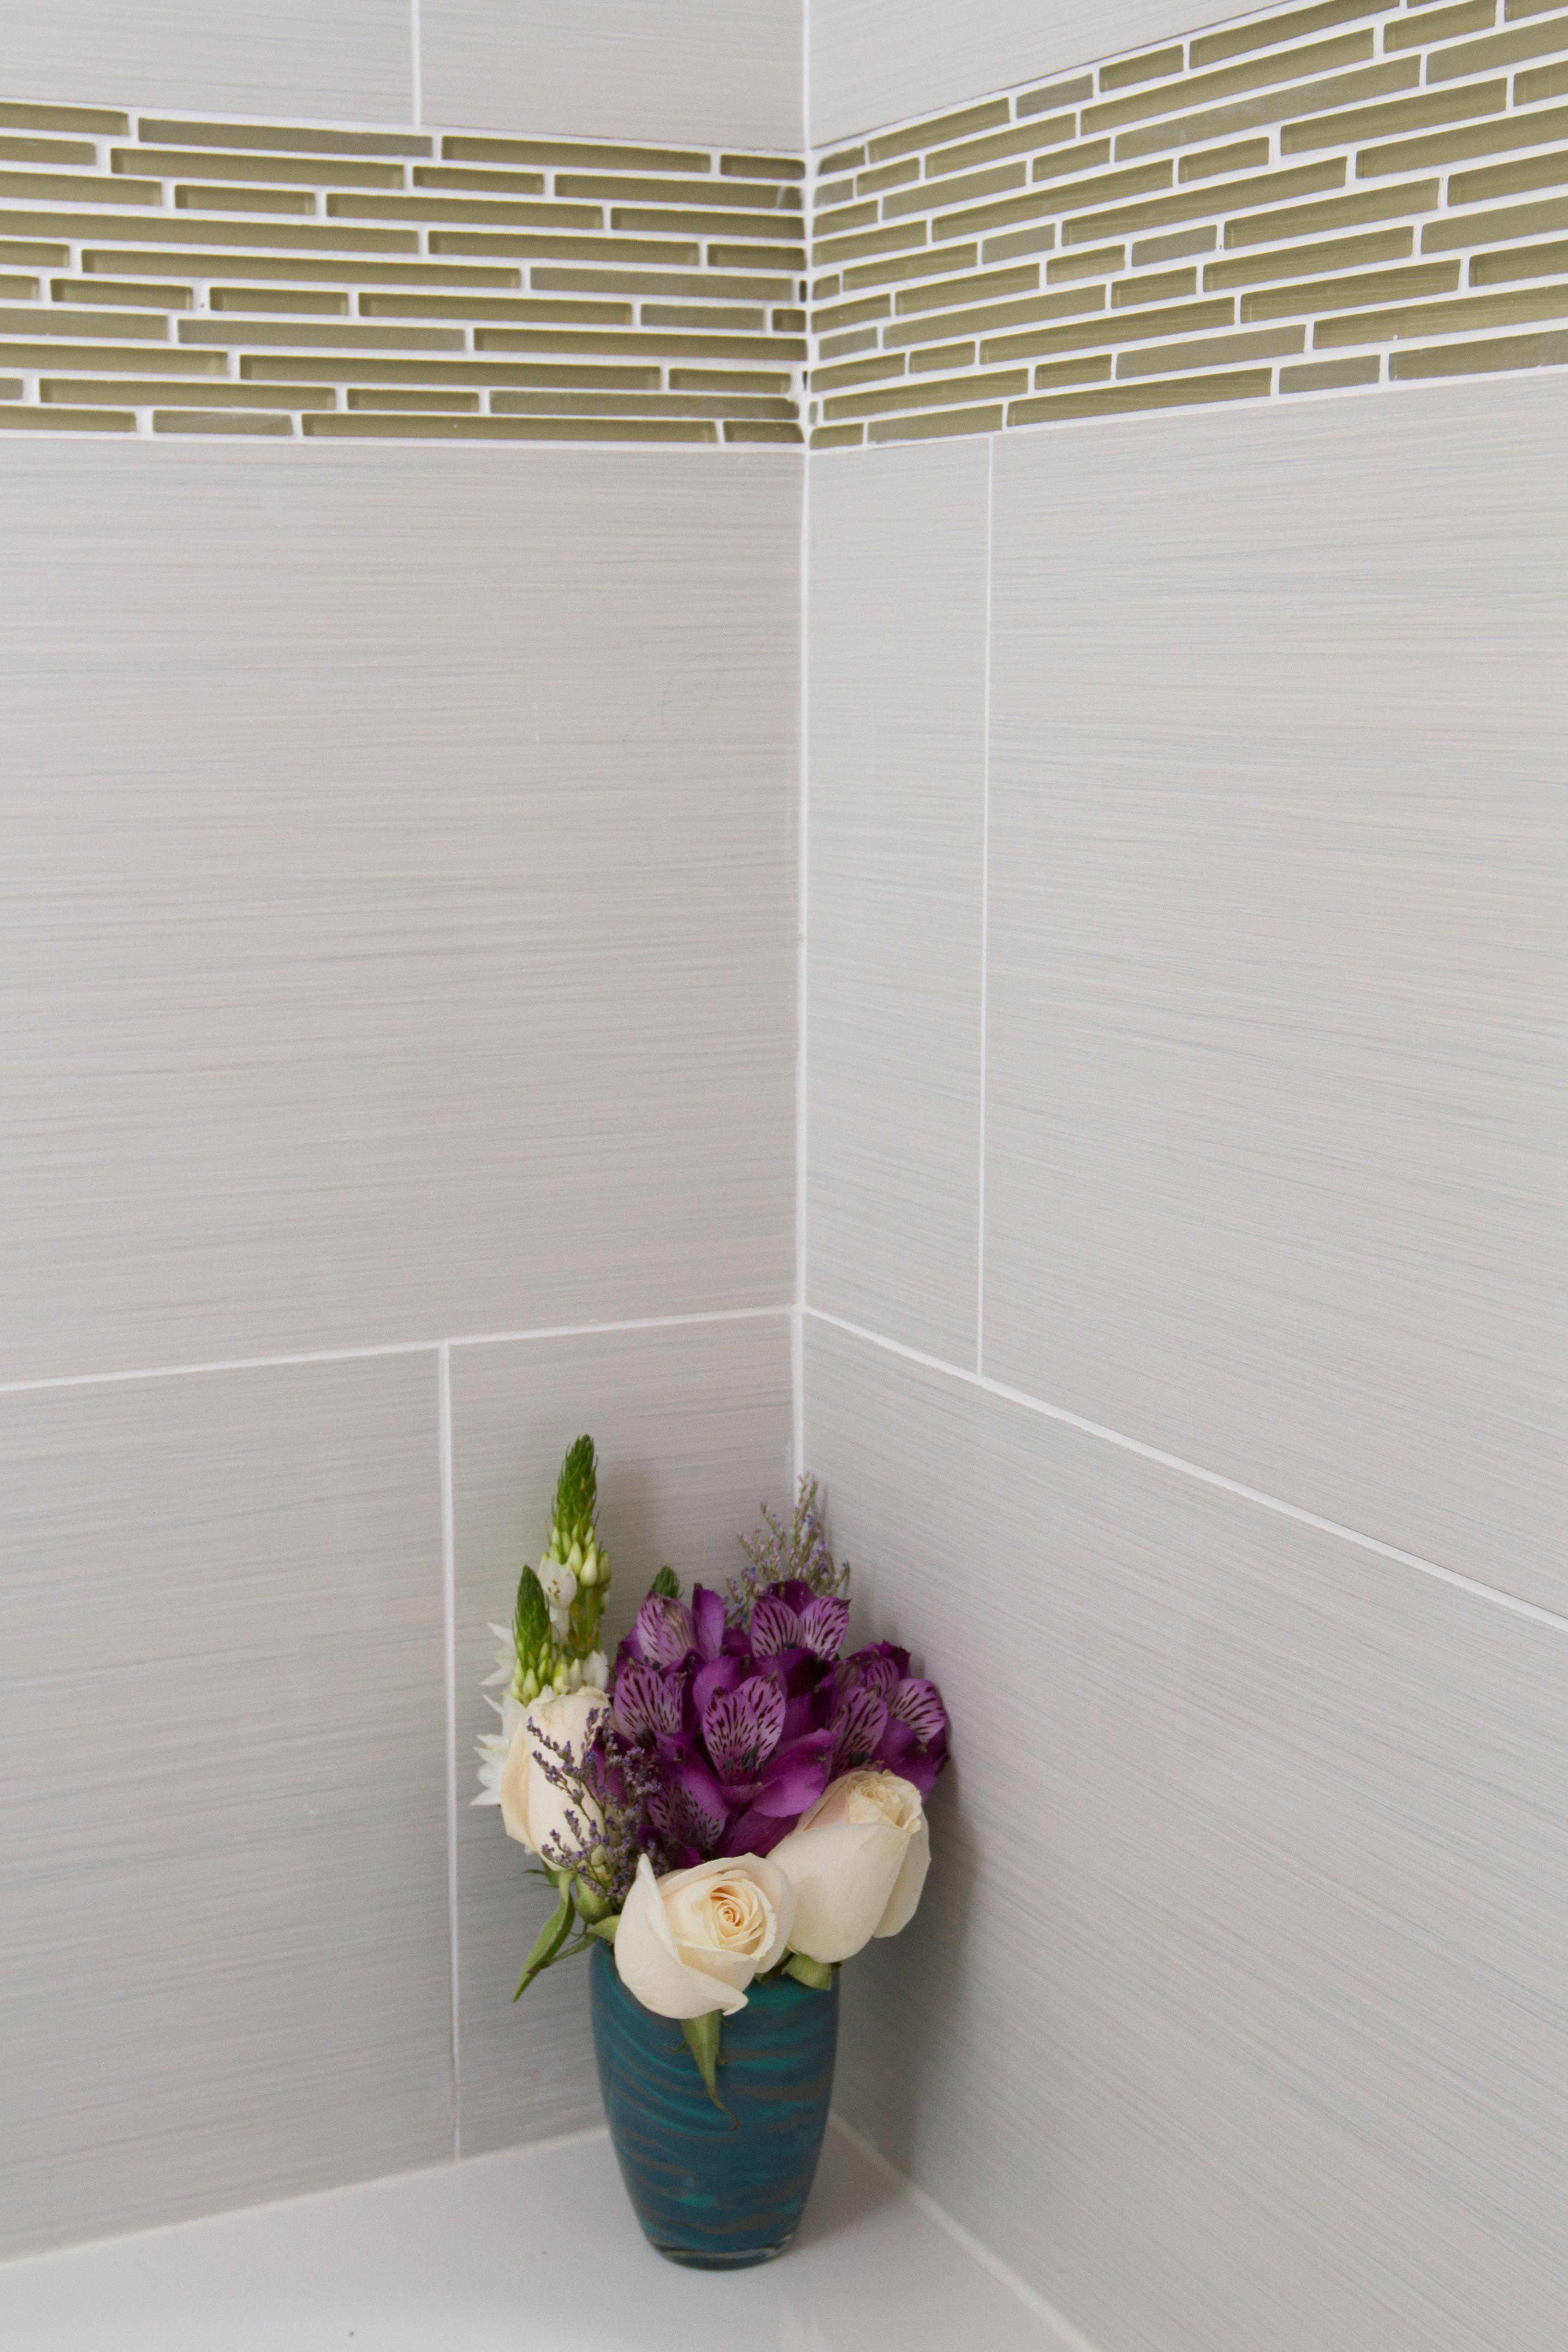 Decorative Accent Tiles For Bathroom Bathroom  Shower Tile  Blanc Linen P685 Accent Tile  Caprice